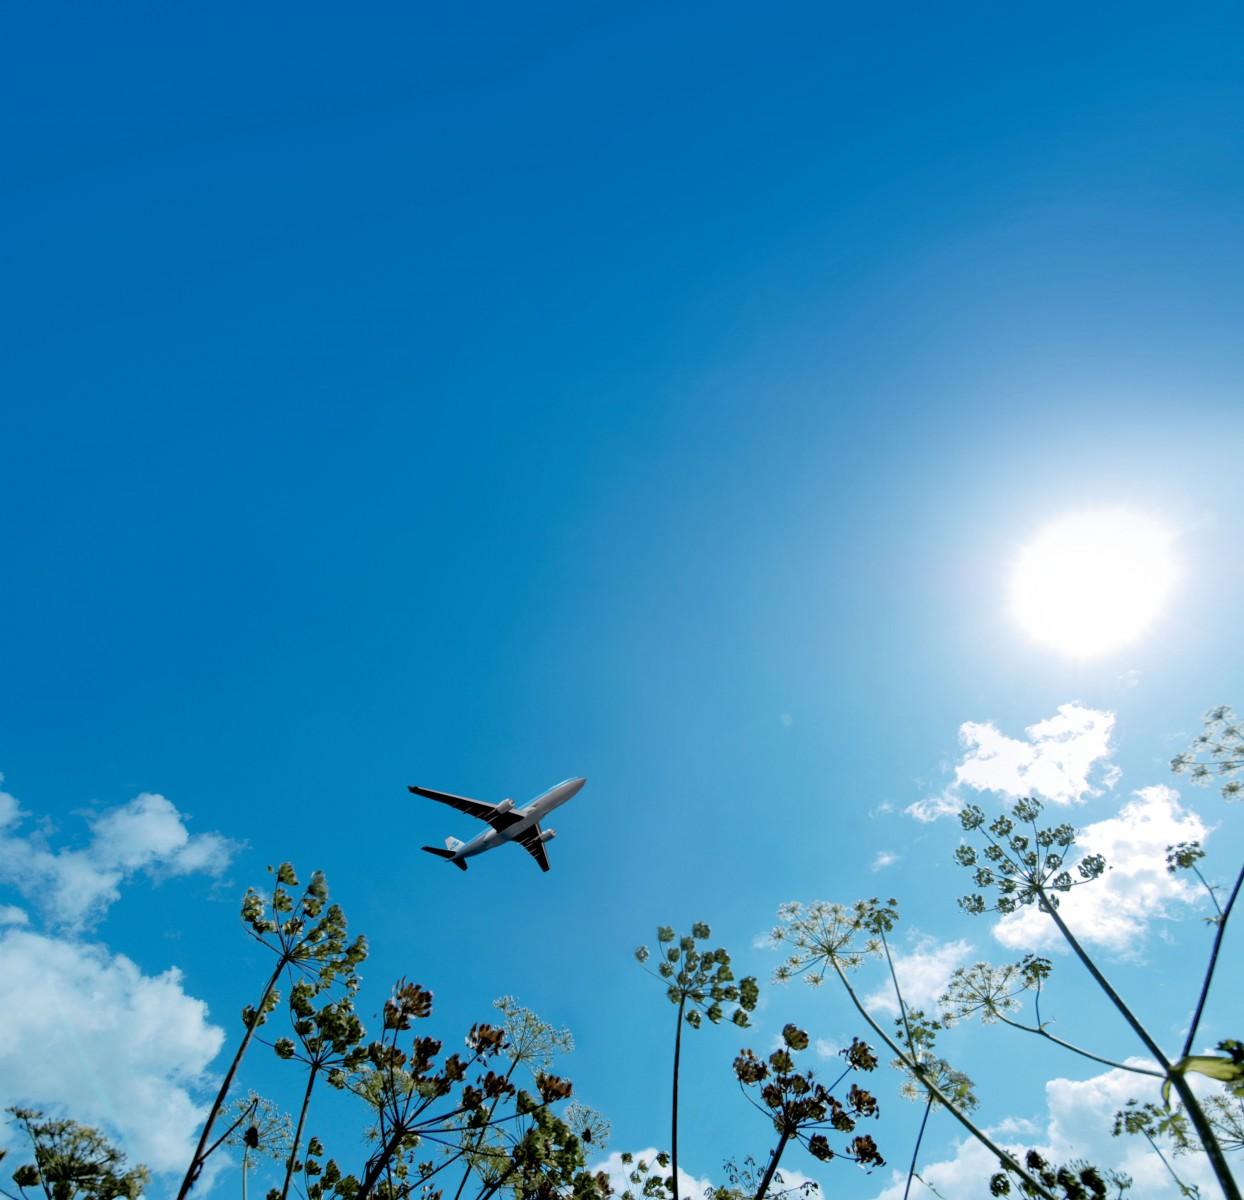 Resultado de imagen para KLM skynrg